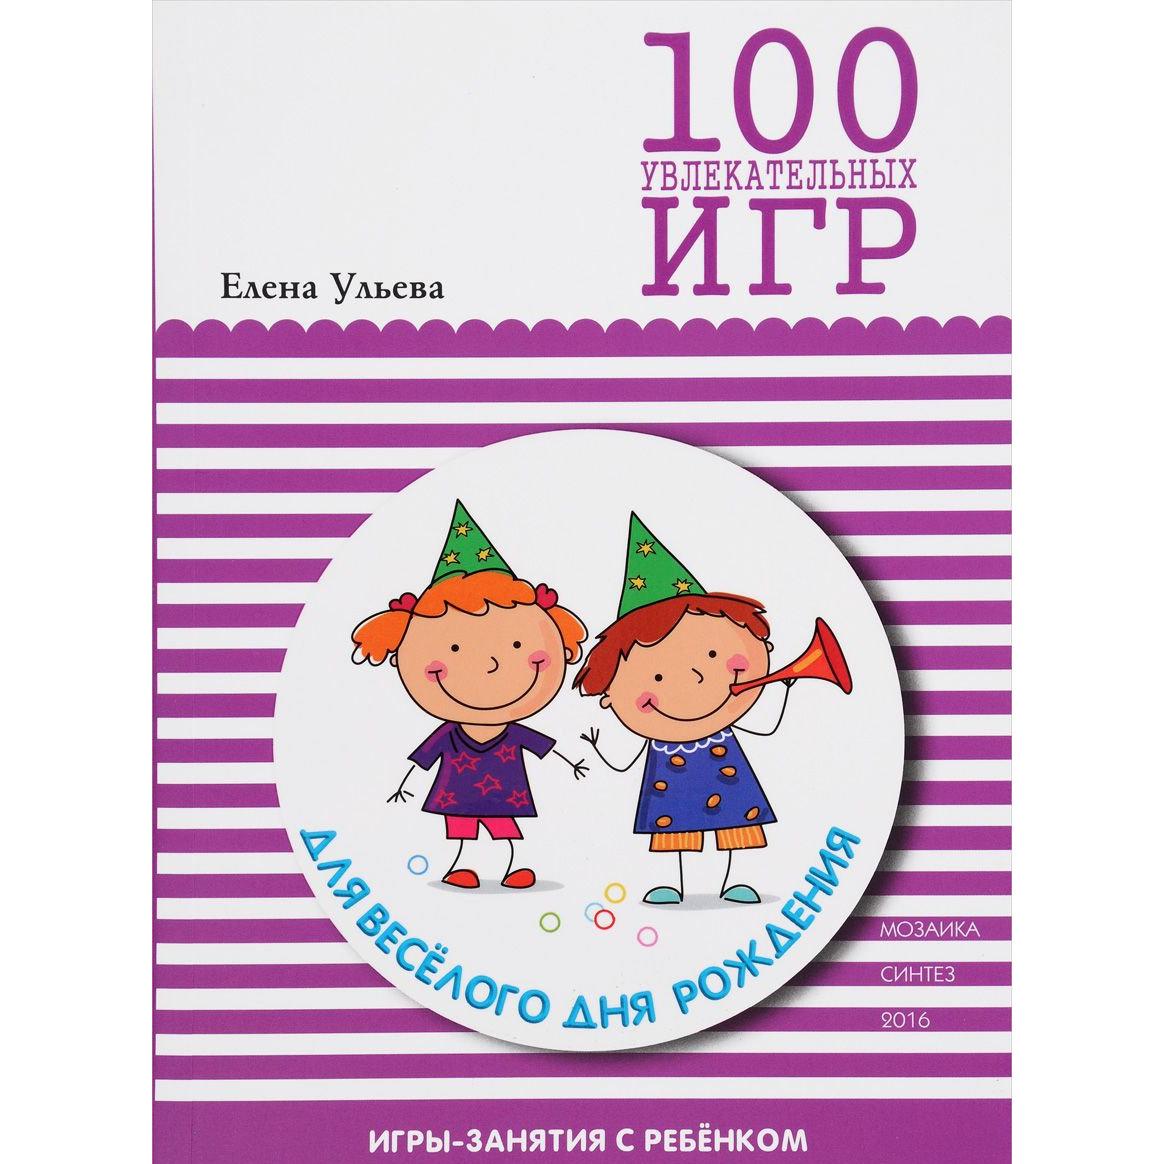 Книжка Мозаика-Синтез 100 увлекательных игр - Для веселого дня рождения